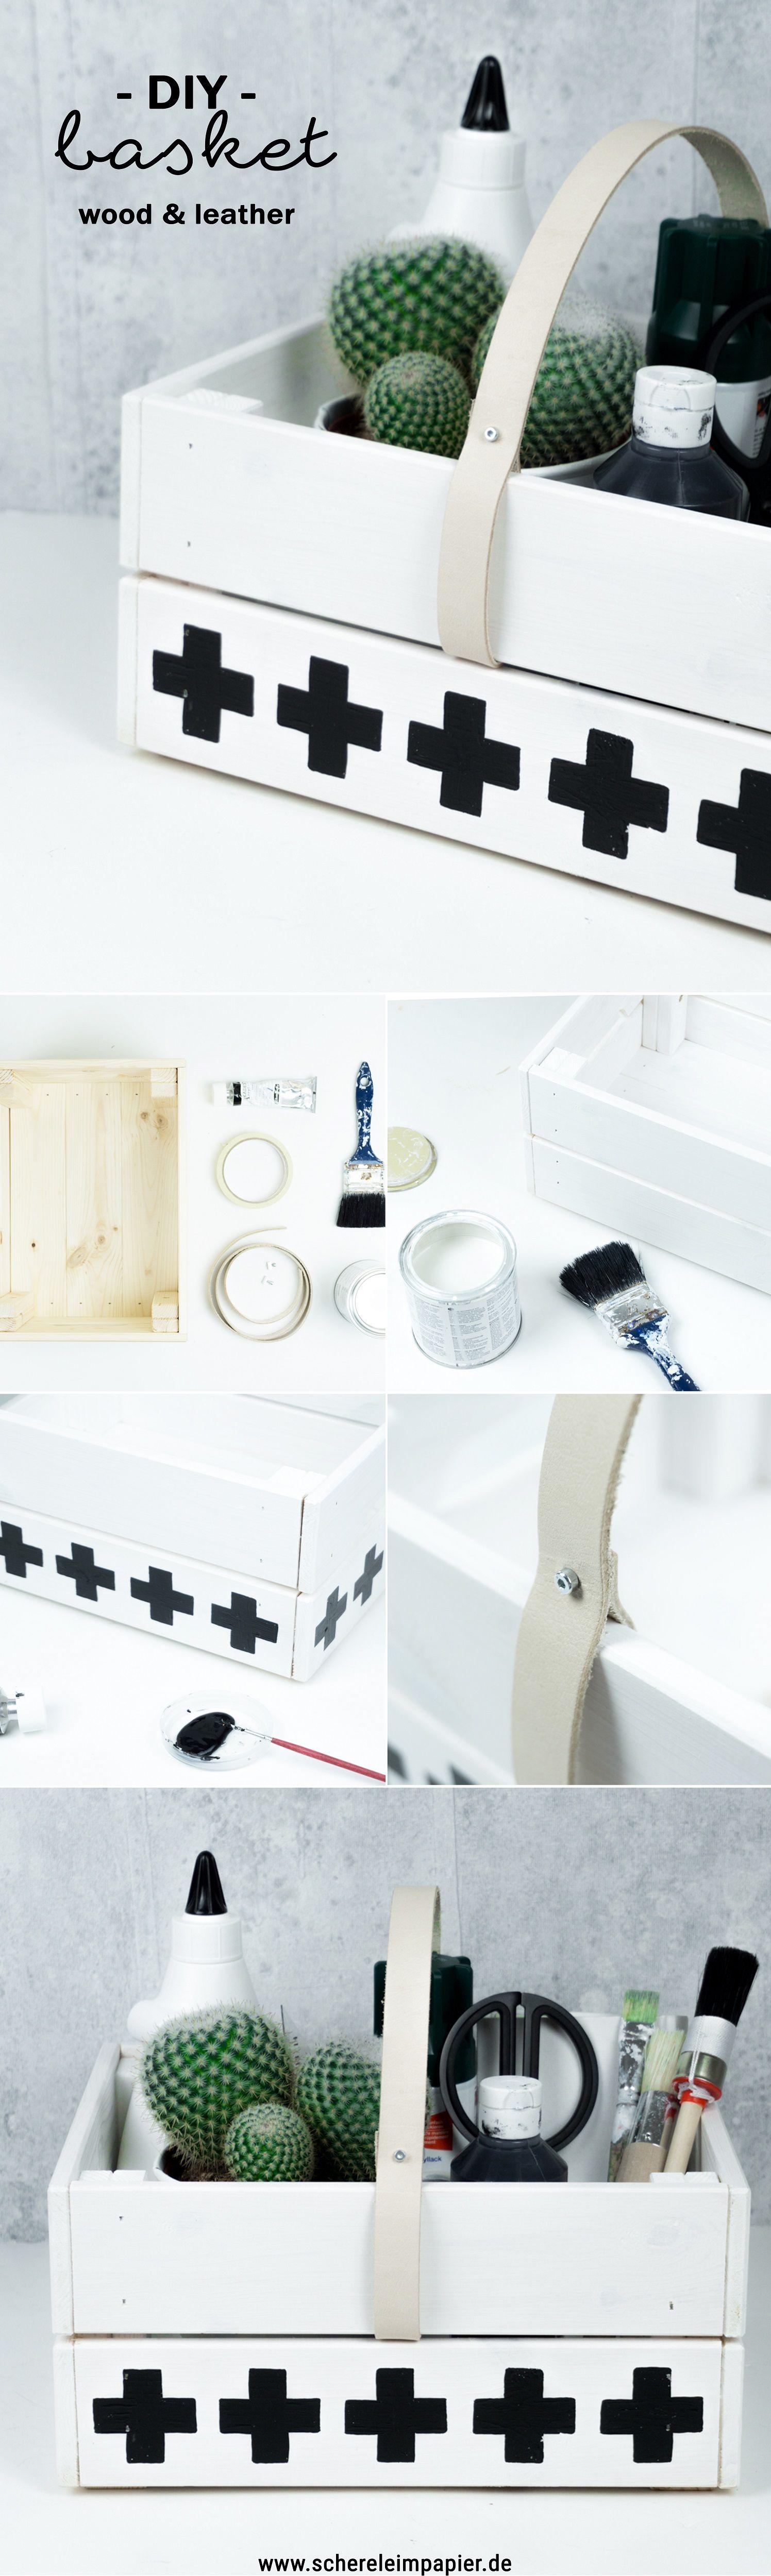 diy holz korb basteln f r picknick oder storage it 39 s. Black Bedroom Furniture Sets. Home Design Ideas